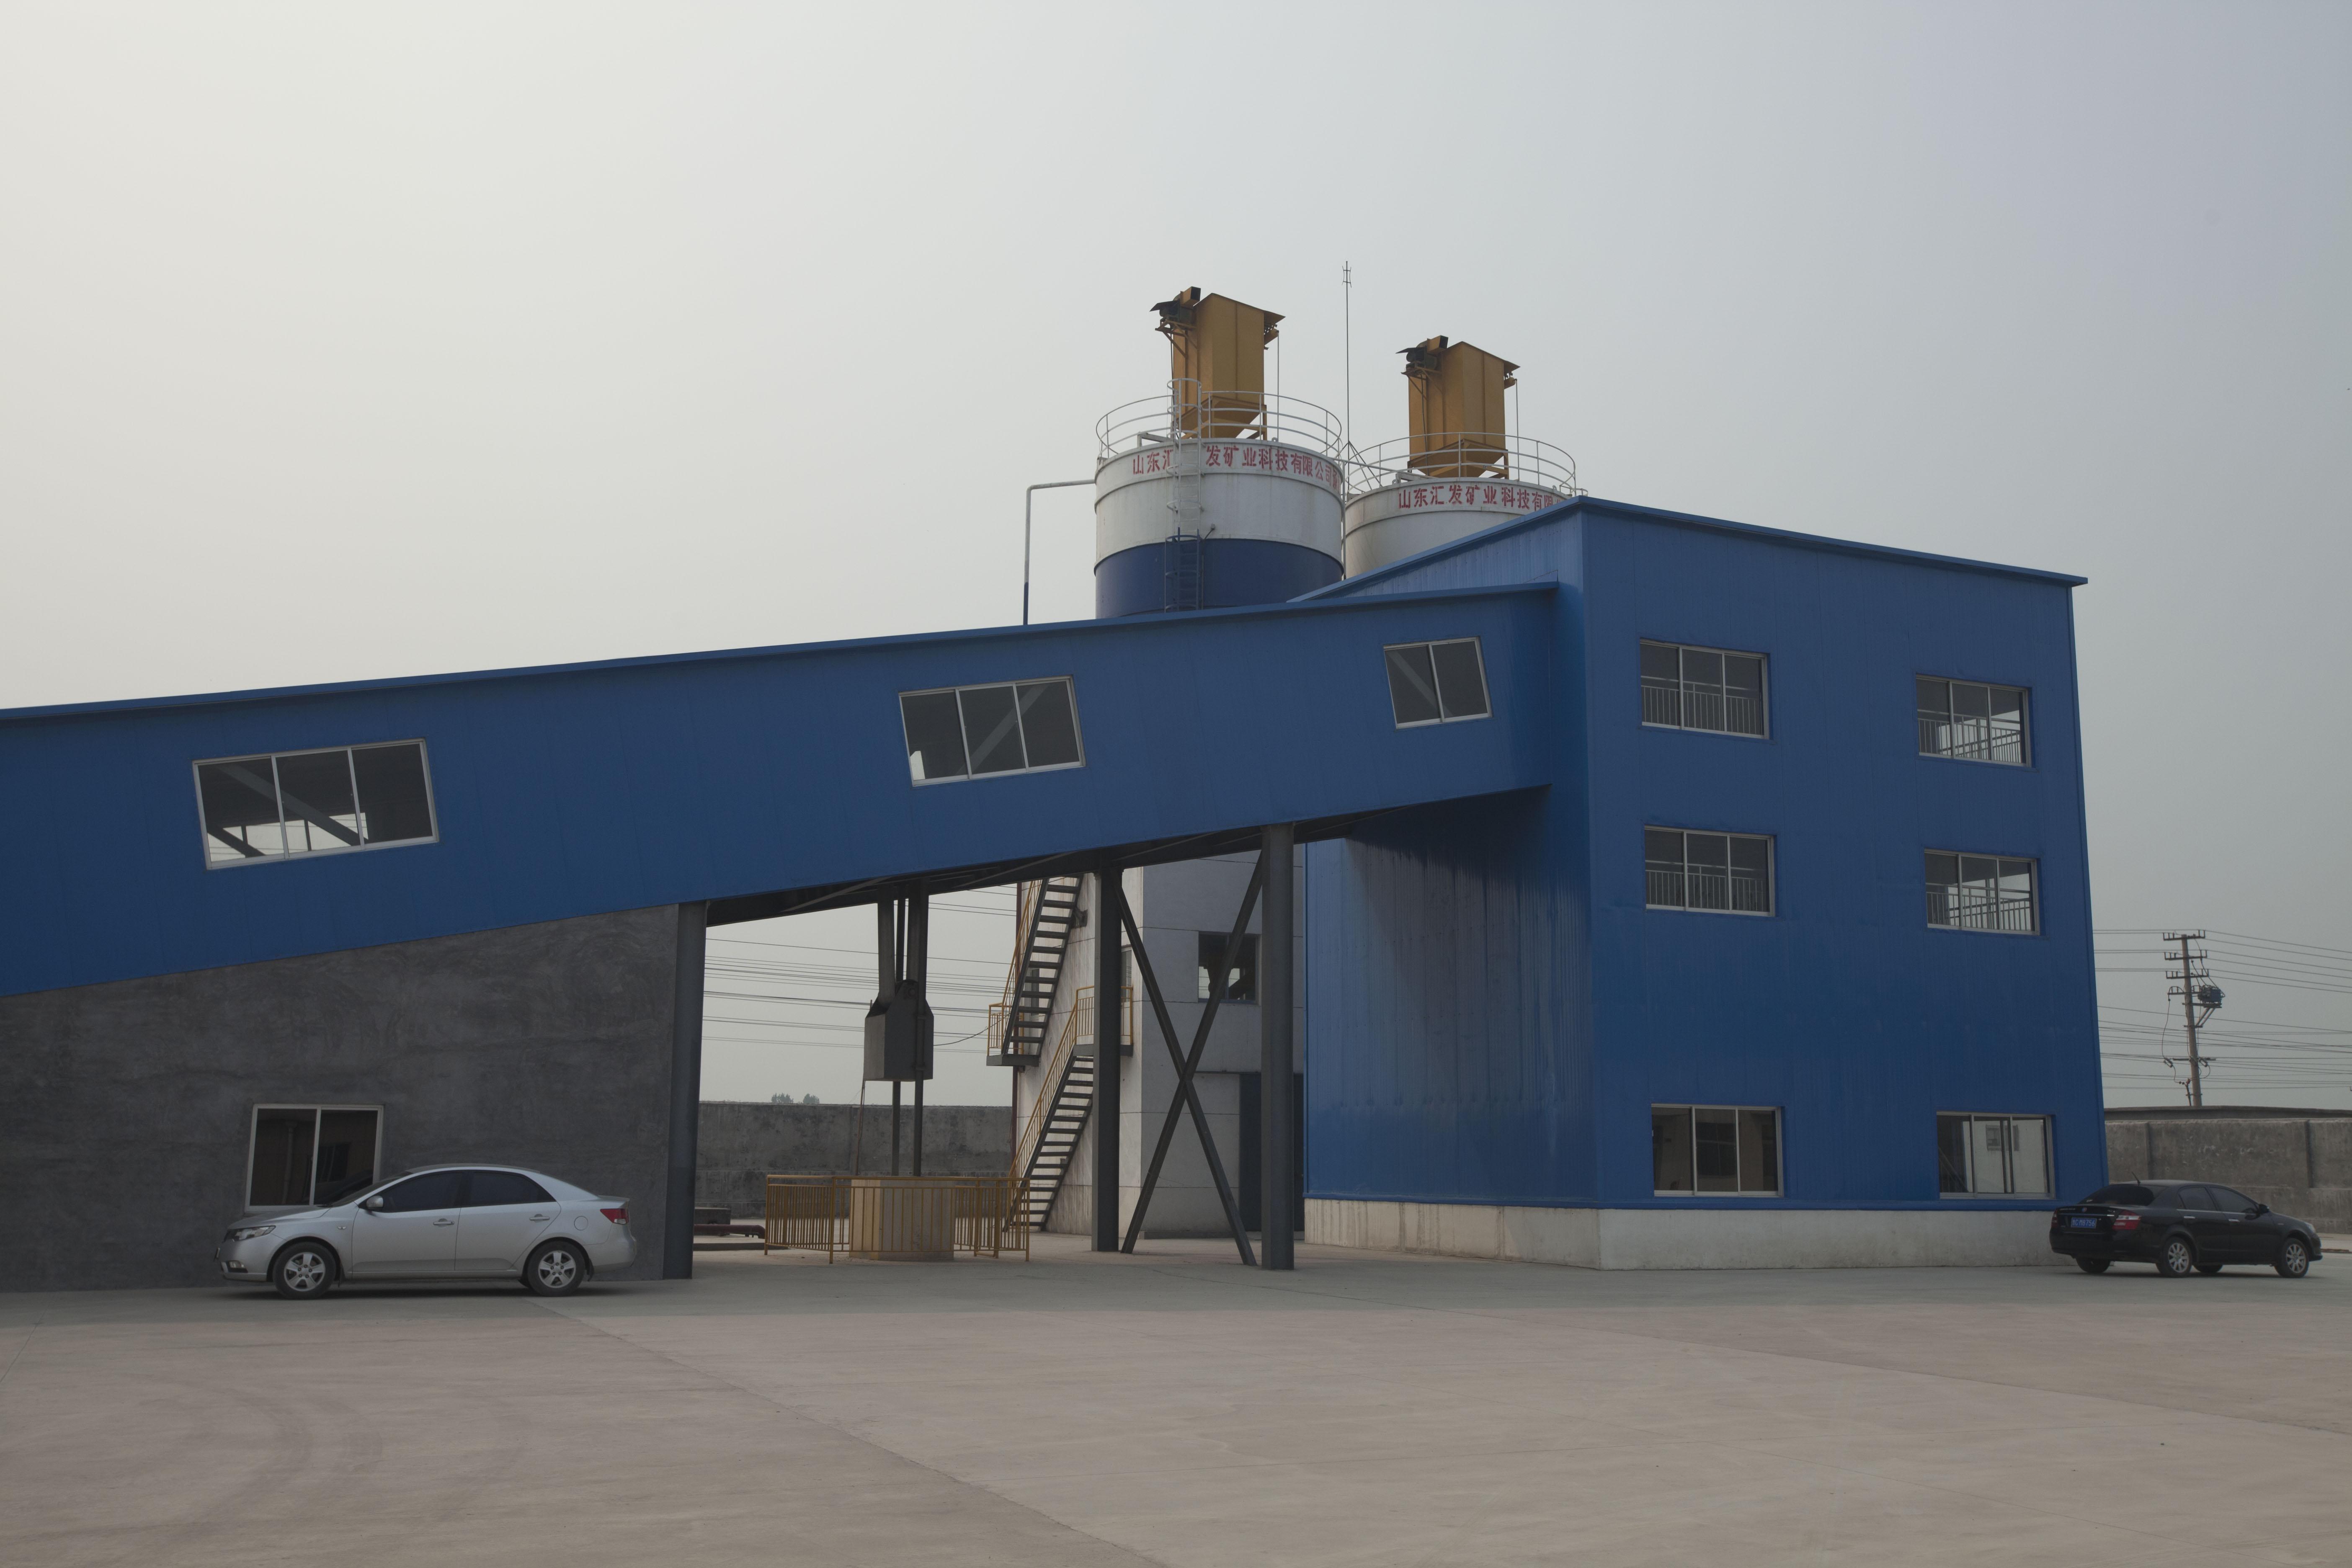 Zibo, Shandong Jinding Mining Wangwangzhuang iron - all tailings filling system